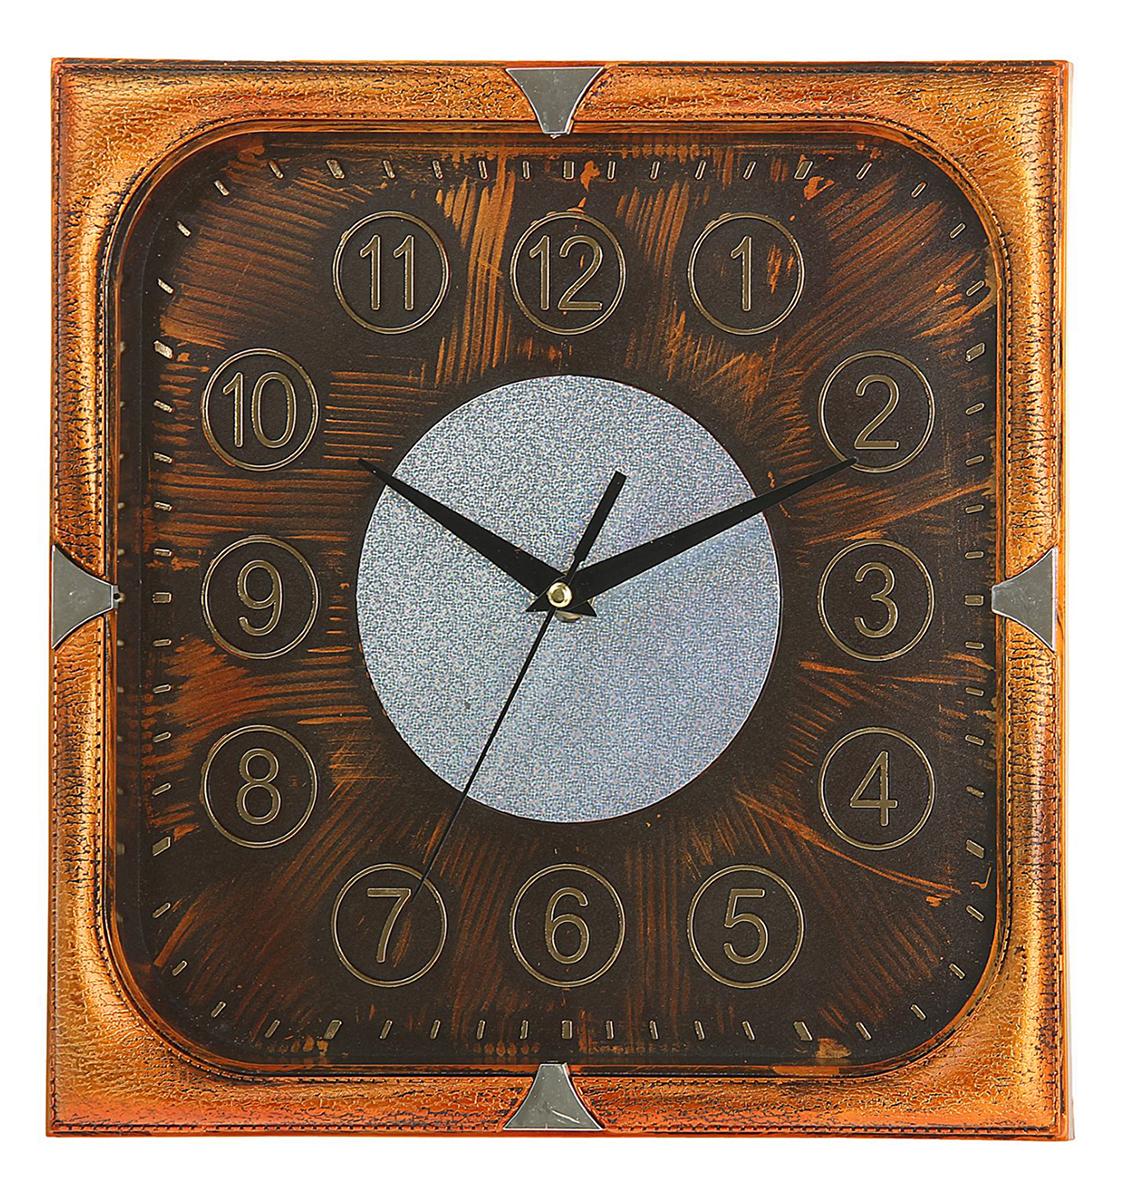 Часы настенные Сумрак, цвет: бронза, 31 х 31 см1205535Каждому хозяину периодически приходит мысль обновить свою квартиру, сделать ремонт, перестановку или кардинально поменять внешний вид каждой комнаты. Часы настенные квадратные Серия Сумрак. Цифры в кружках, 31 ? 31 см, рама под бронзу, циферблат под состаренное дерево — привлекательная деталь, которая поможет воплотить вашу интерьерную идею, создать неповторимую атмосферу в вашем доме. Окружите себя приятными мелочами, пусть они радуют глаз и дарят гармонию.Часы настенные серия Сумрак, квадрат, рама бронза, циферблат бронза, цифры в кружках 31х31см 1205535